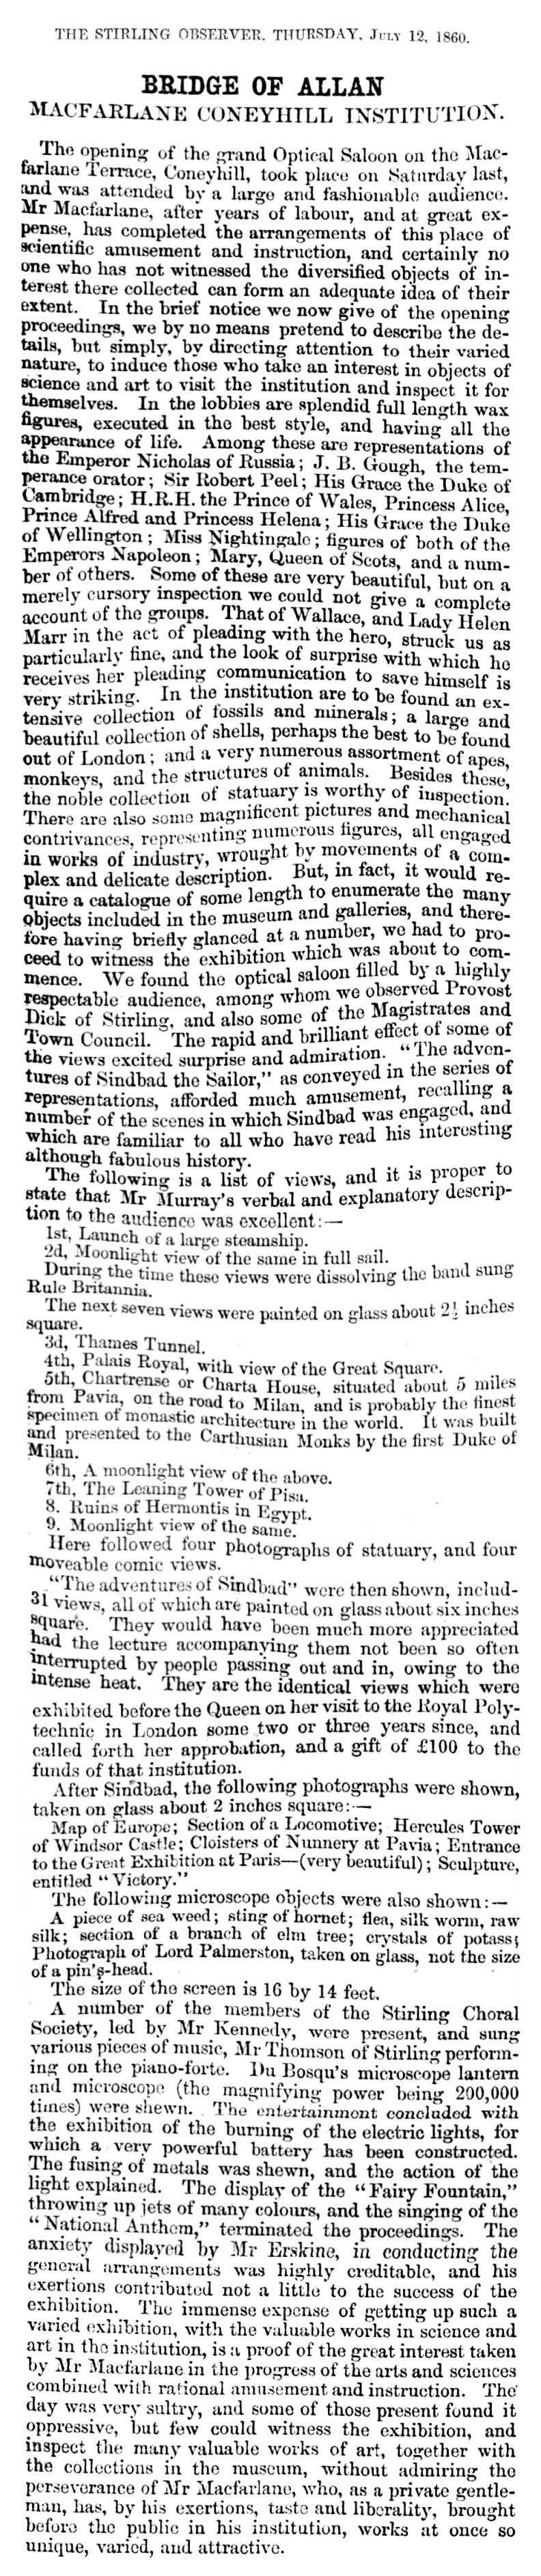 Macfarlane Coneyhill Institution, 1860